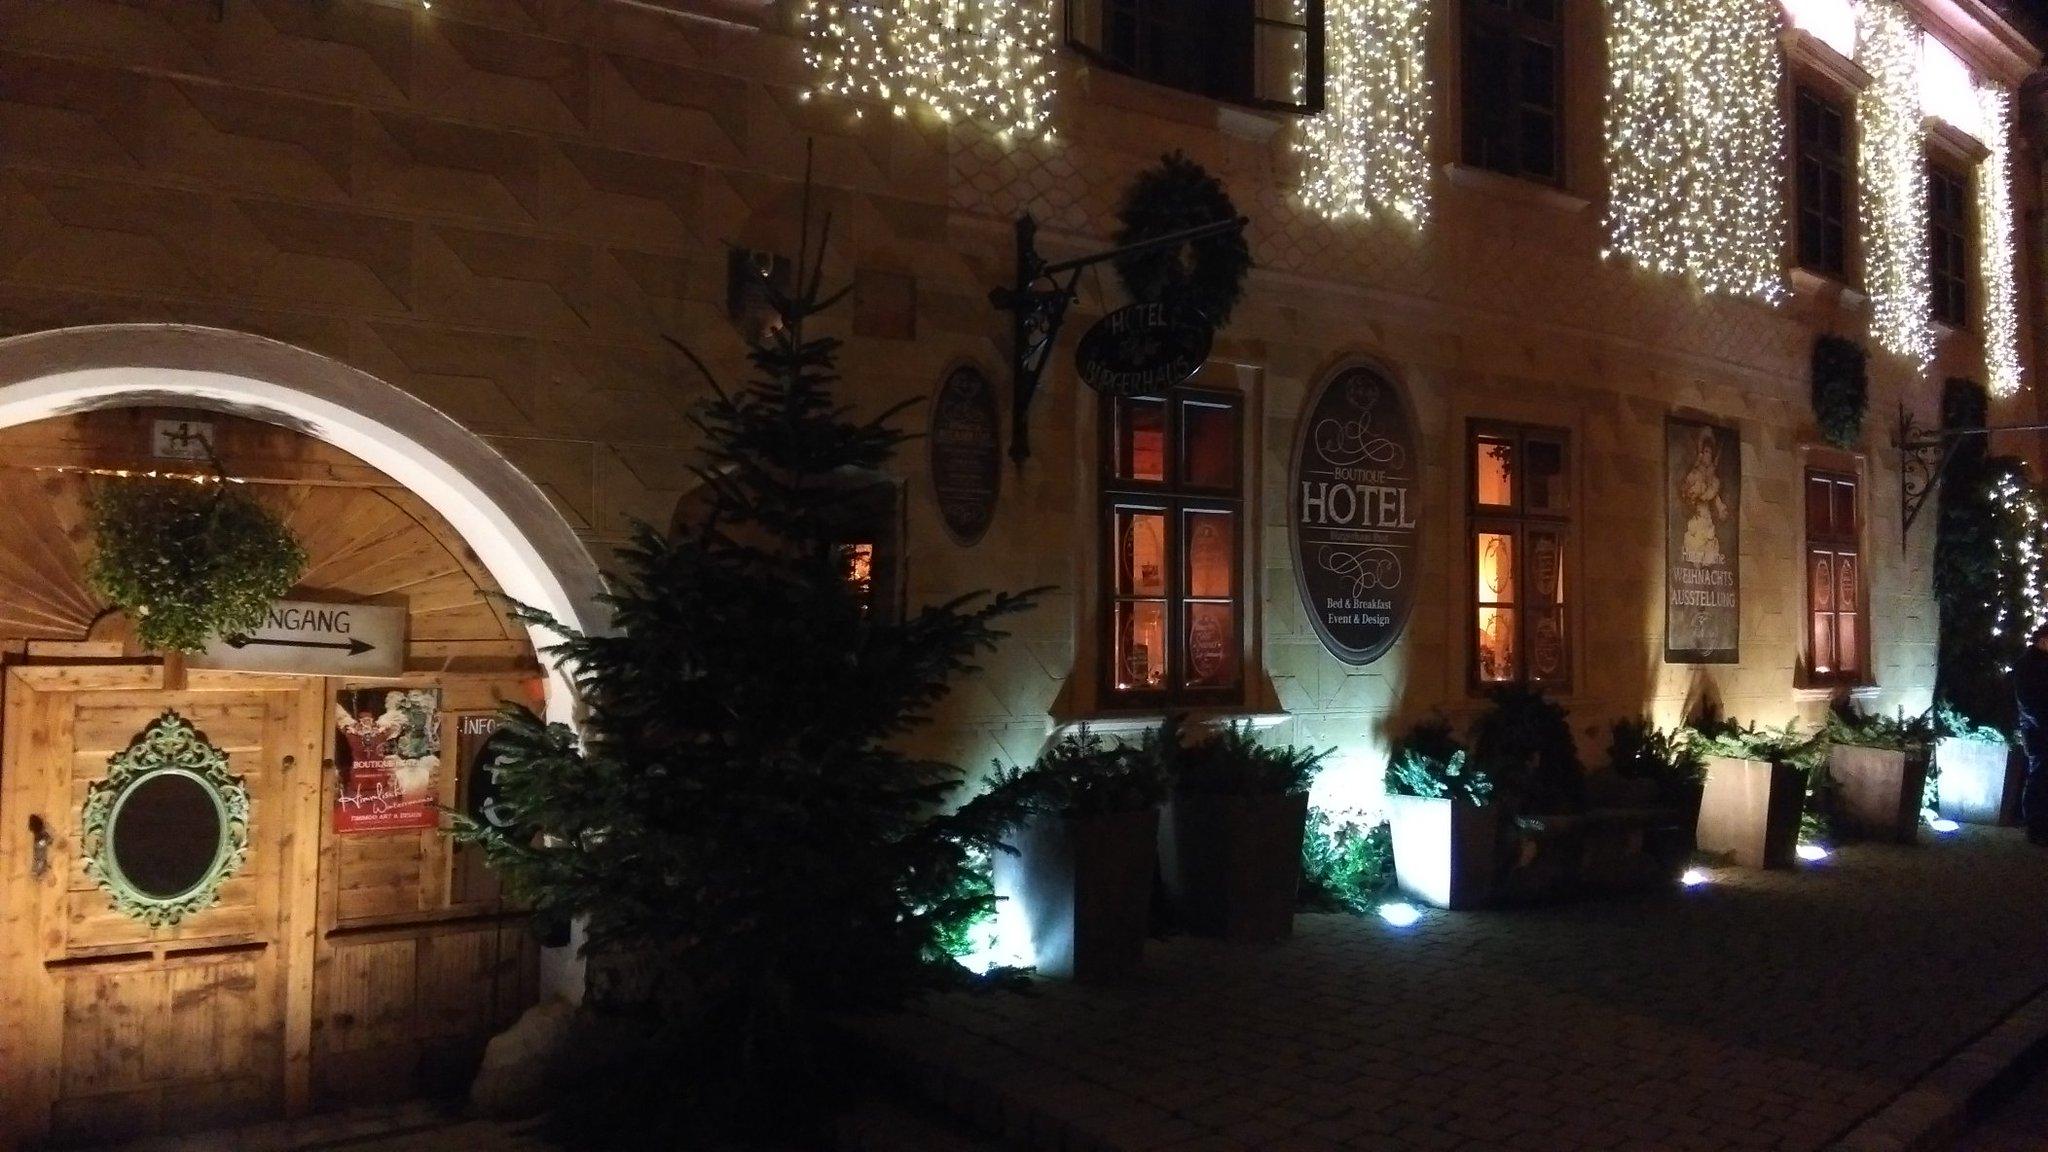 Cena nell'intimità dei locali cinquecenteschi del Bürgerhaus di Rust, Burgenland, Austria. #NataleBurgenland2015 https://t.co/5pXmgL2LUO